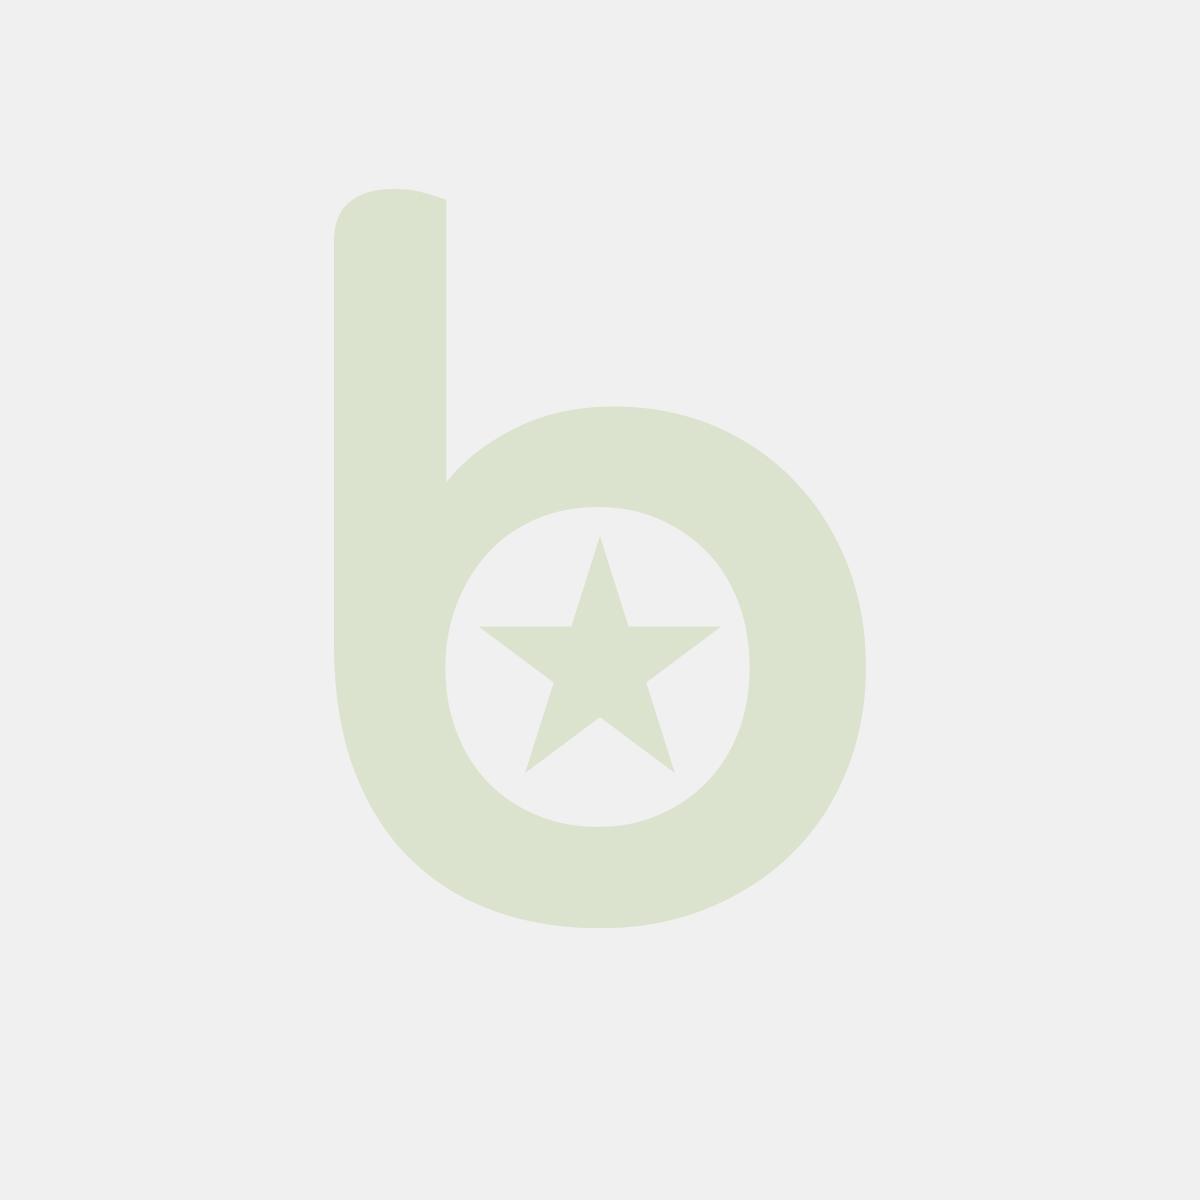 Ramka Magafram Durable, samoprzylepna, A3, srebrna, 4873-23